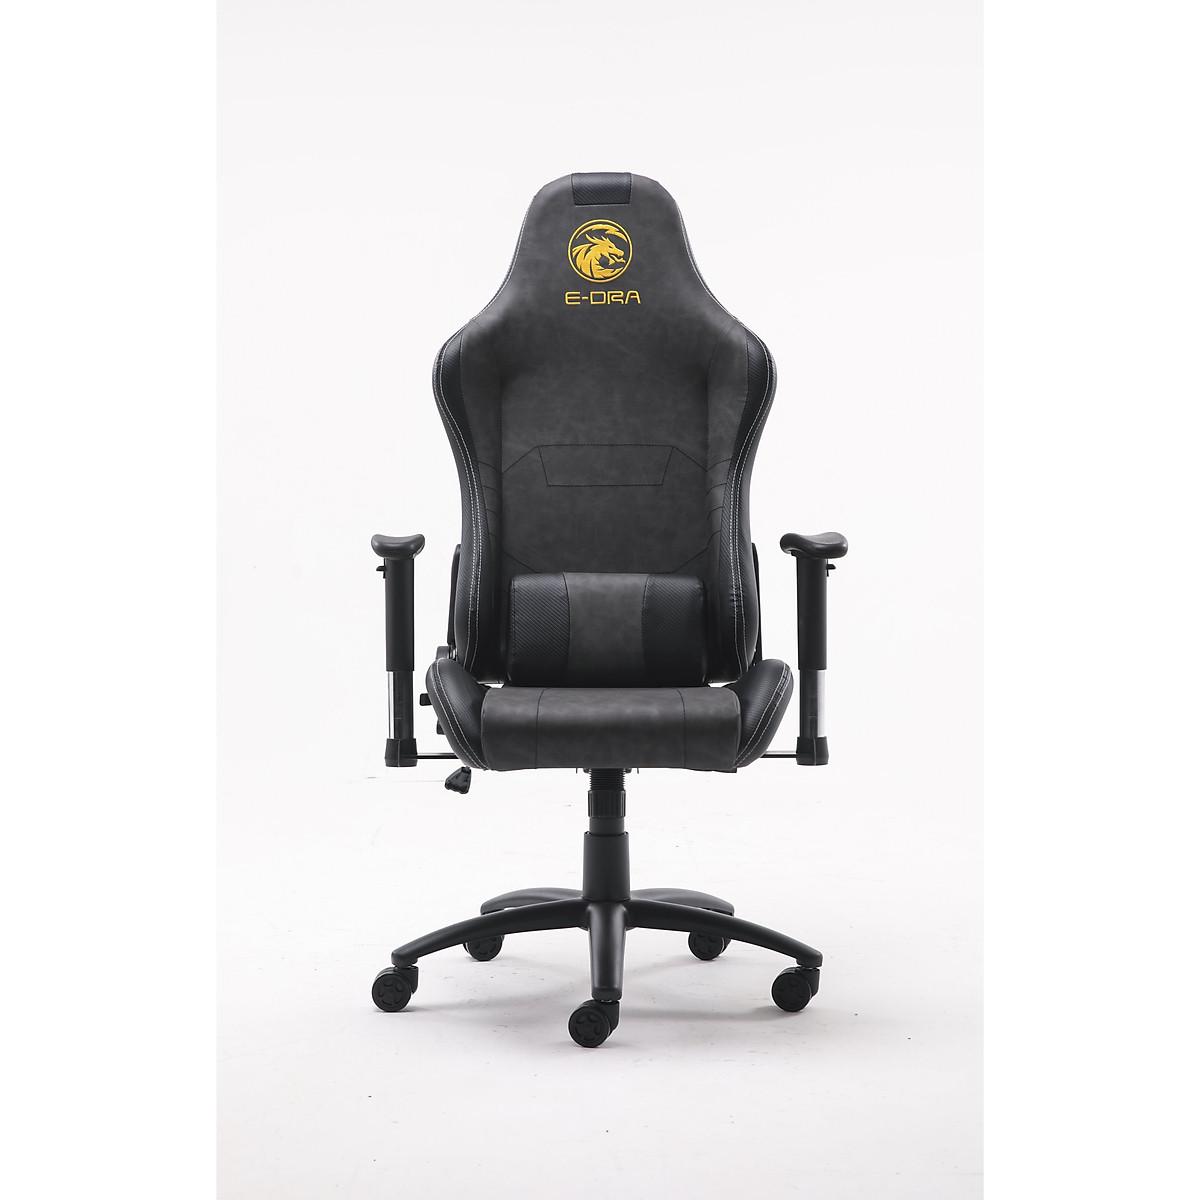 Ghế GAMING E-DRA MIDNIGHT EGC205 – Black – Hàng Chính Hãng